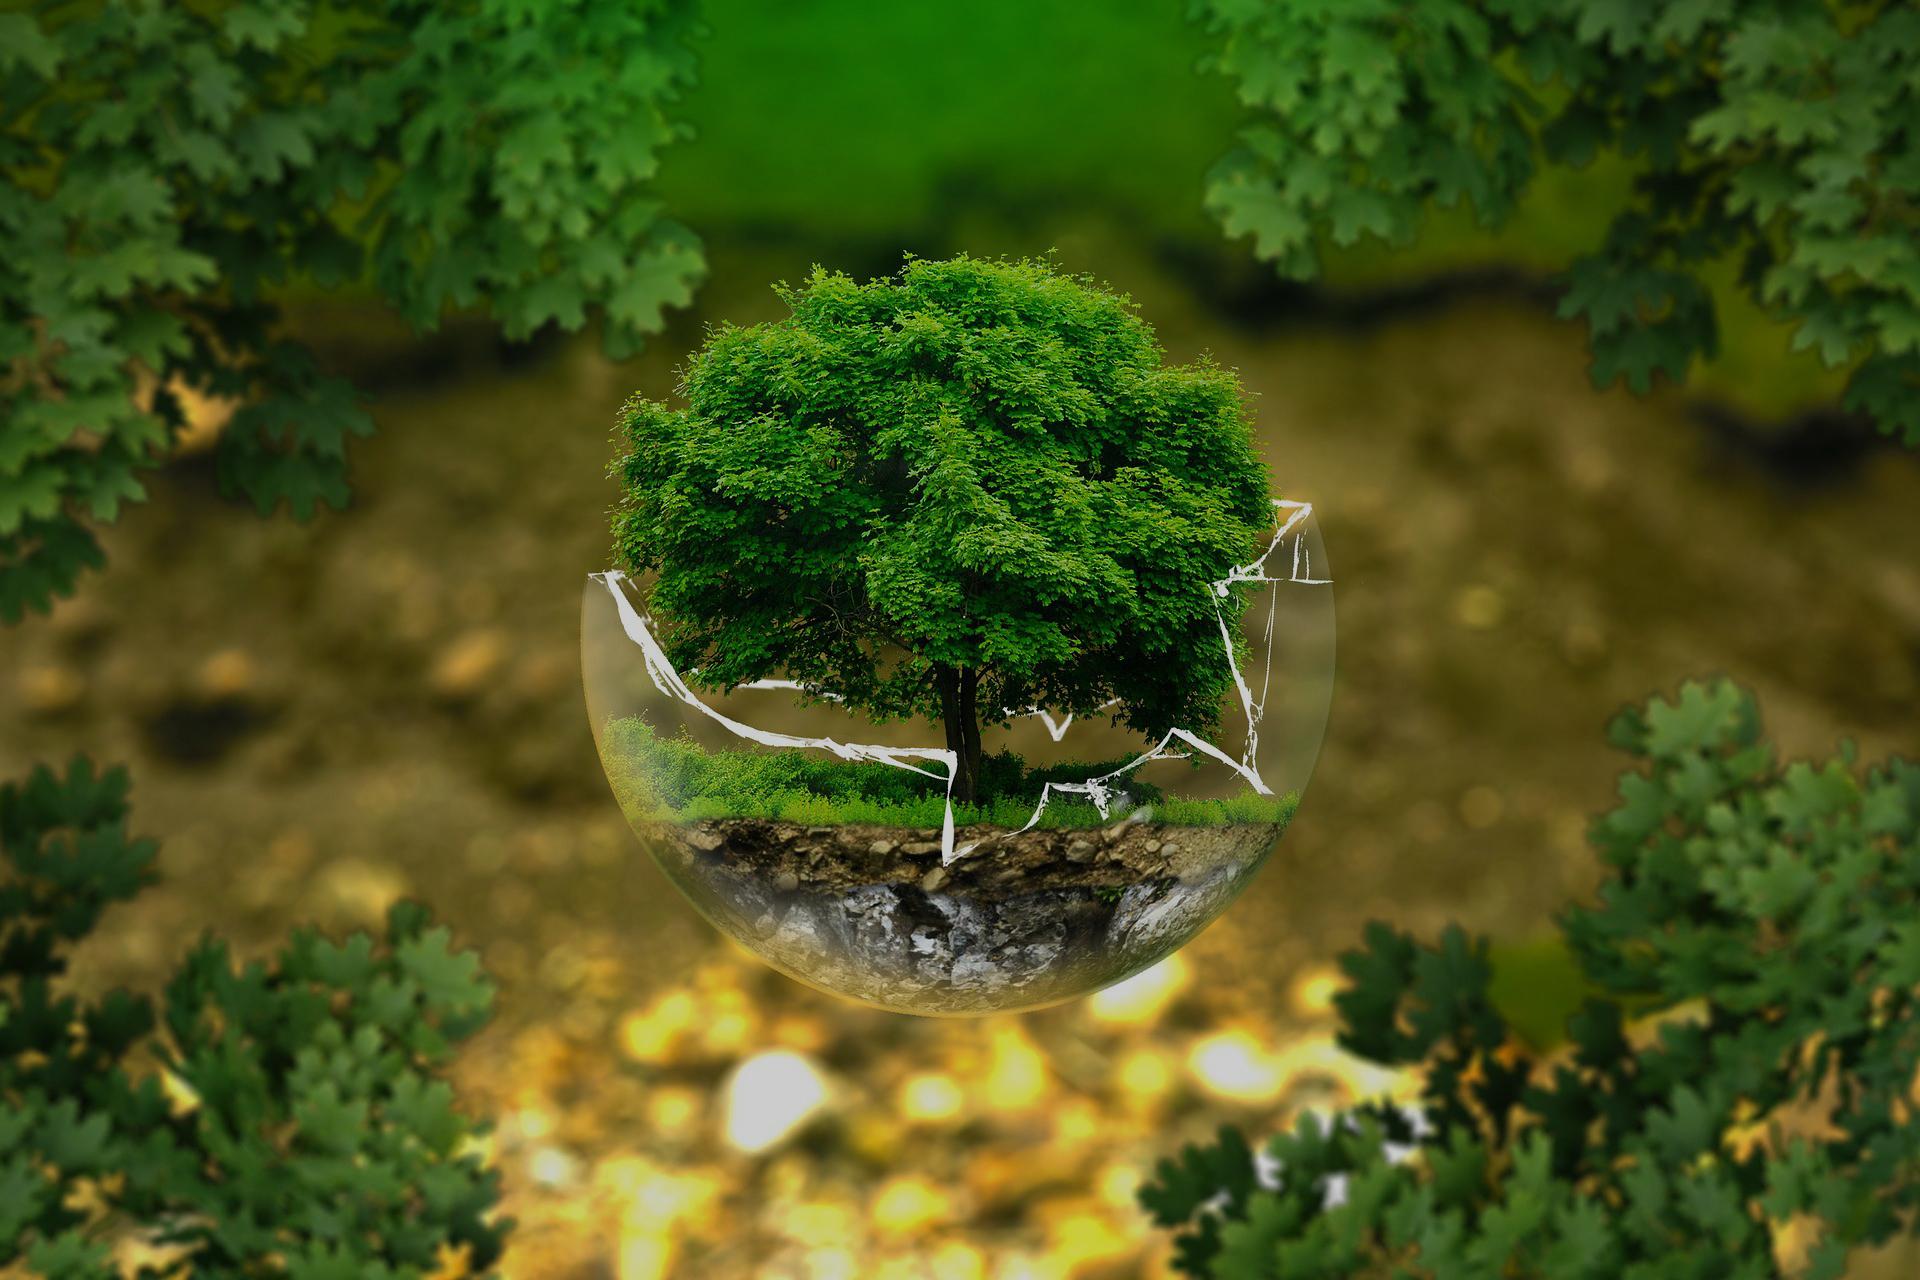 환경과 에너지를 생각하는 에네트